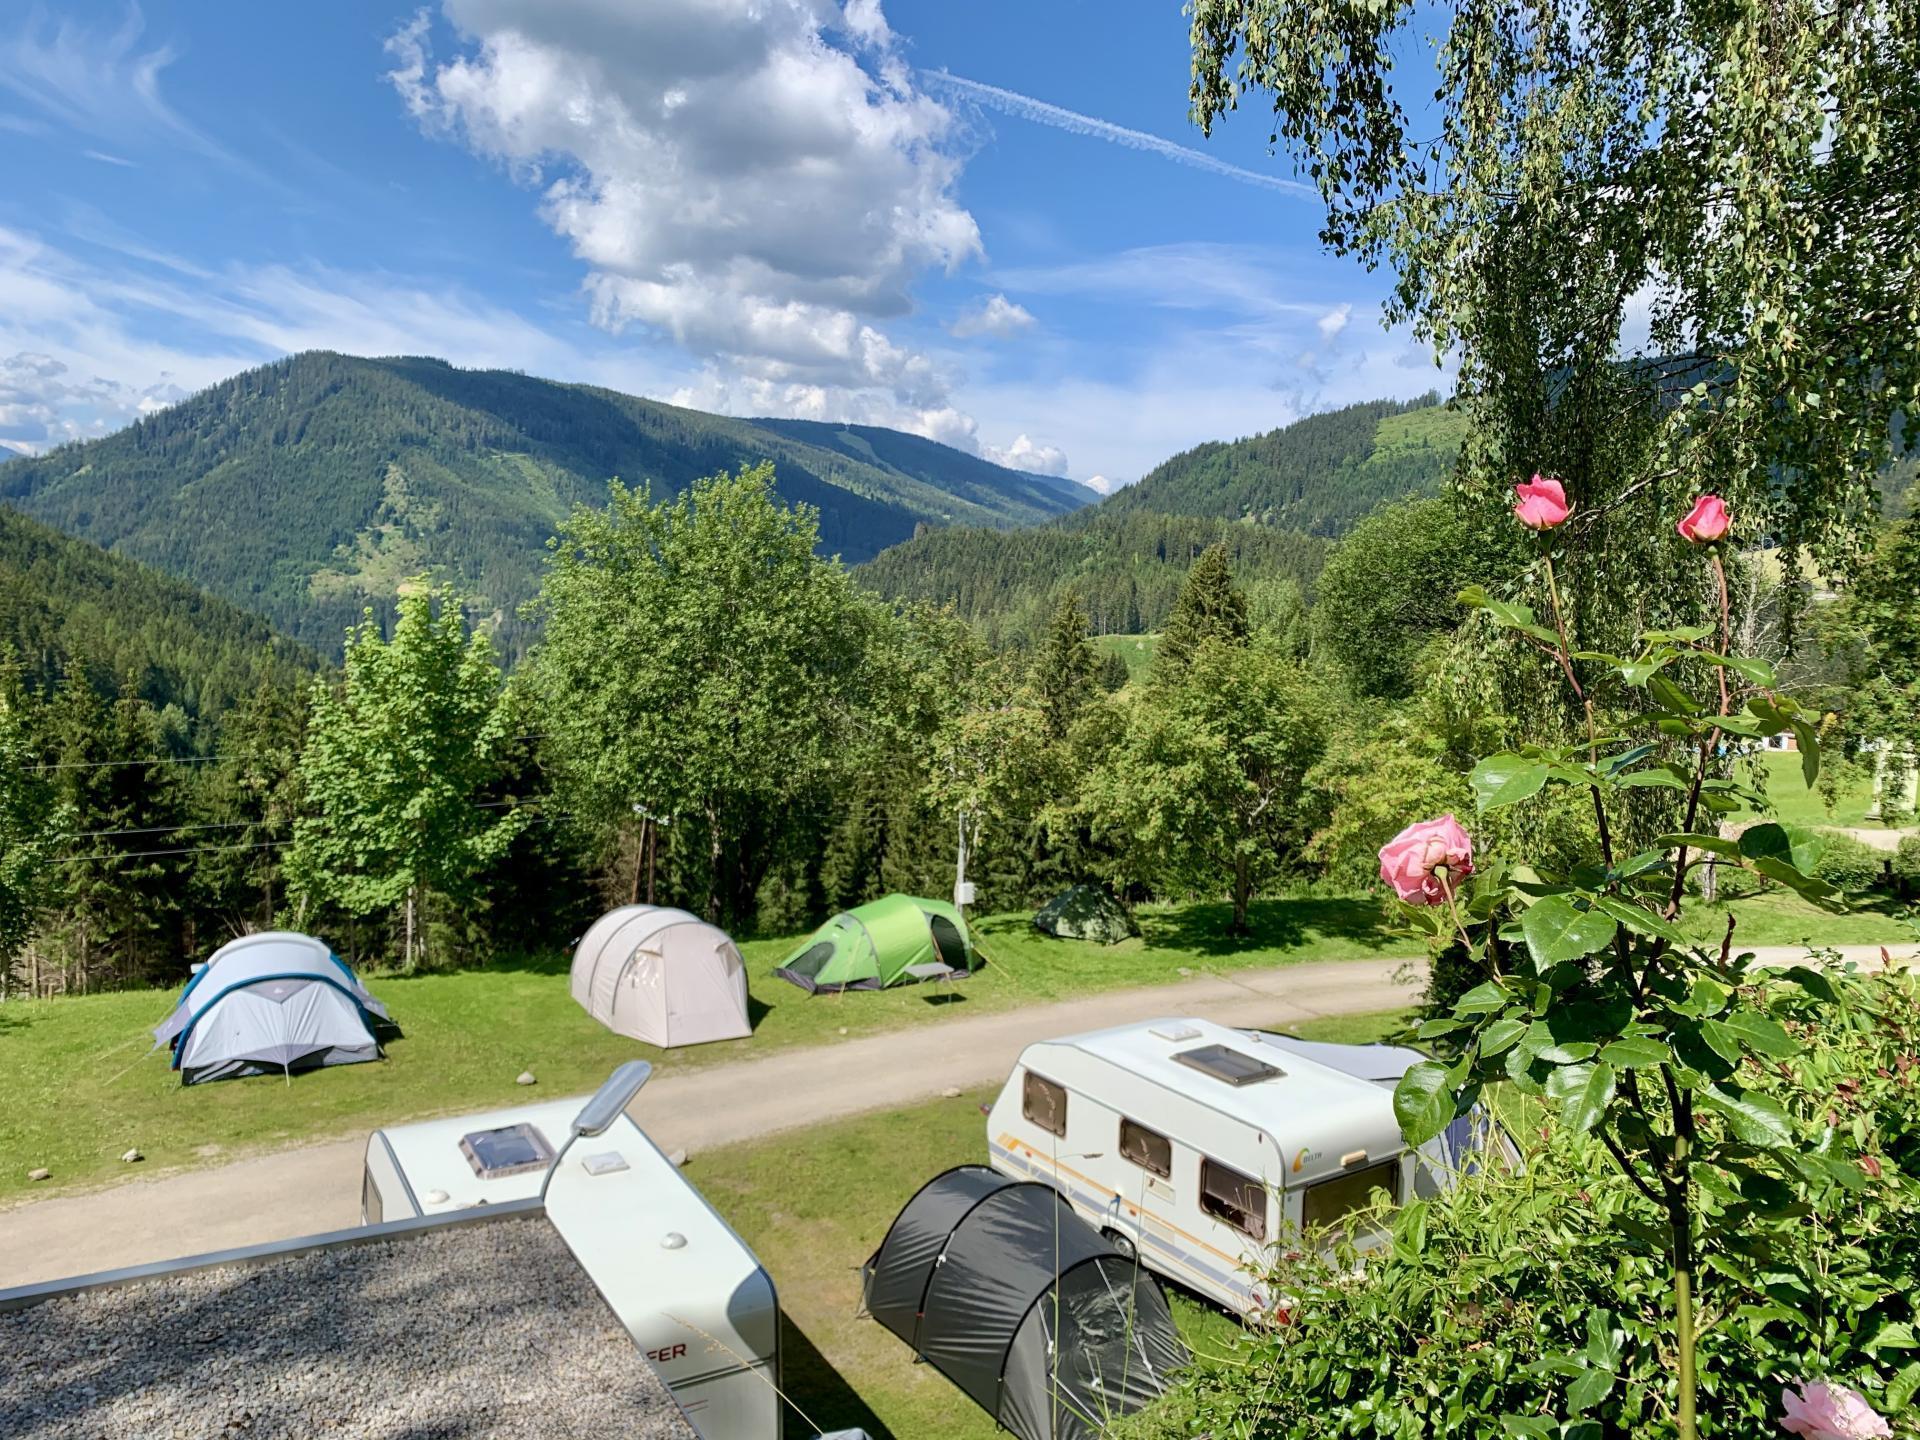 Camping Dachstein und Pension Gsenger #Bildergalerie#Camping